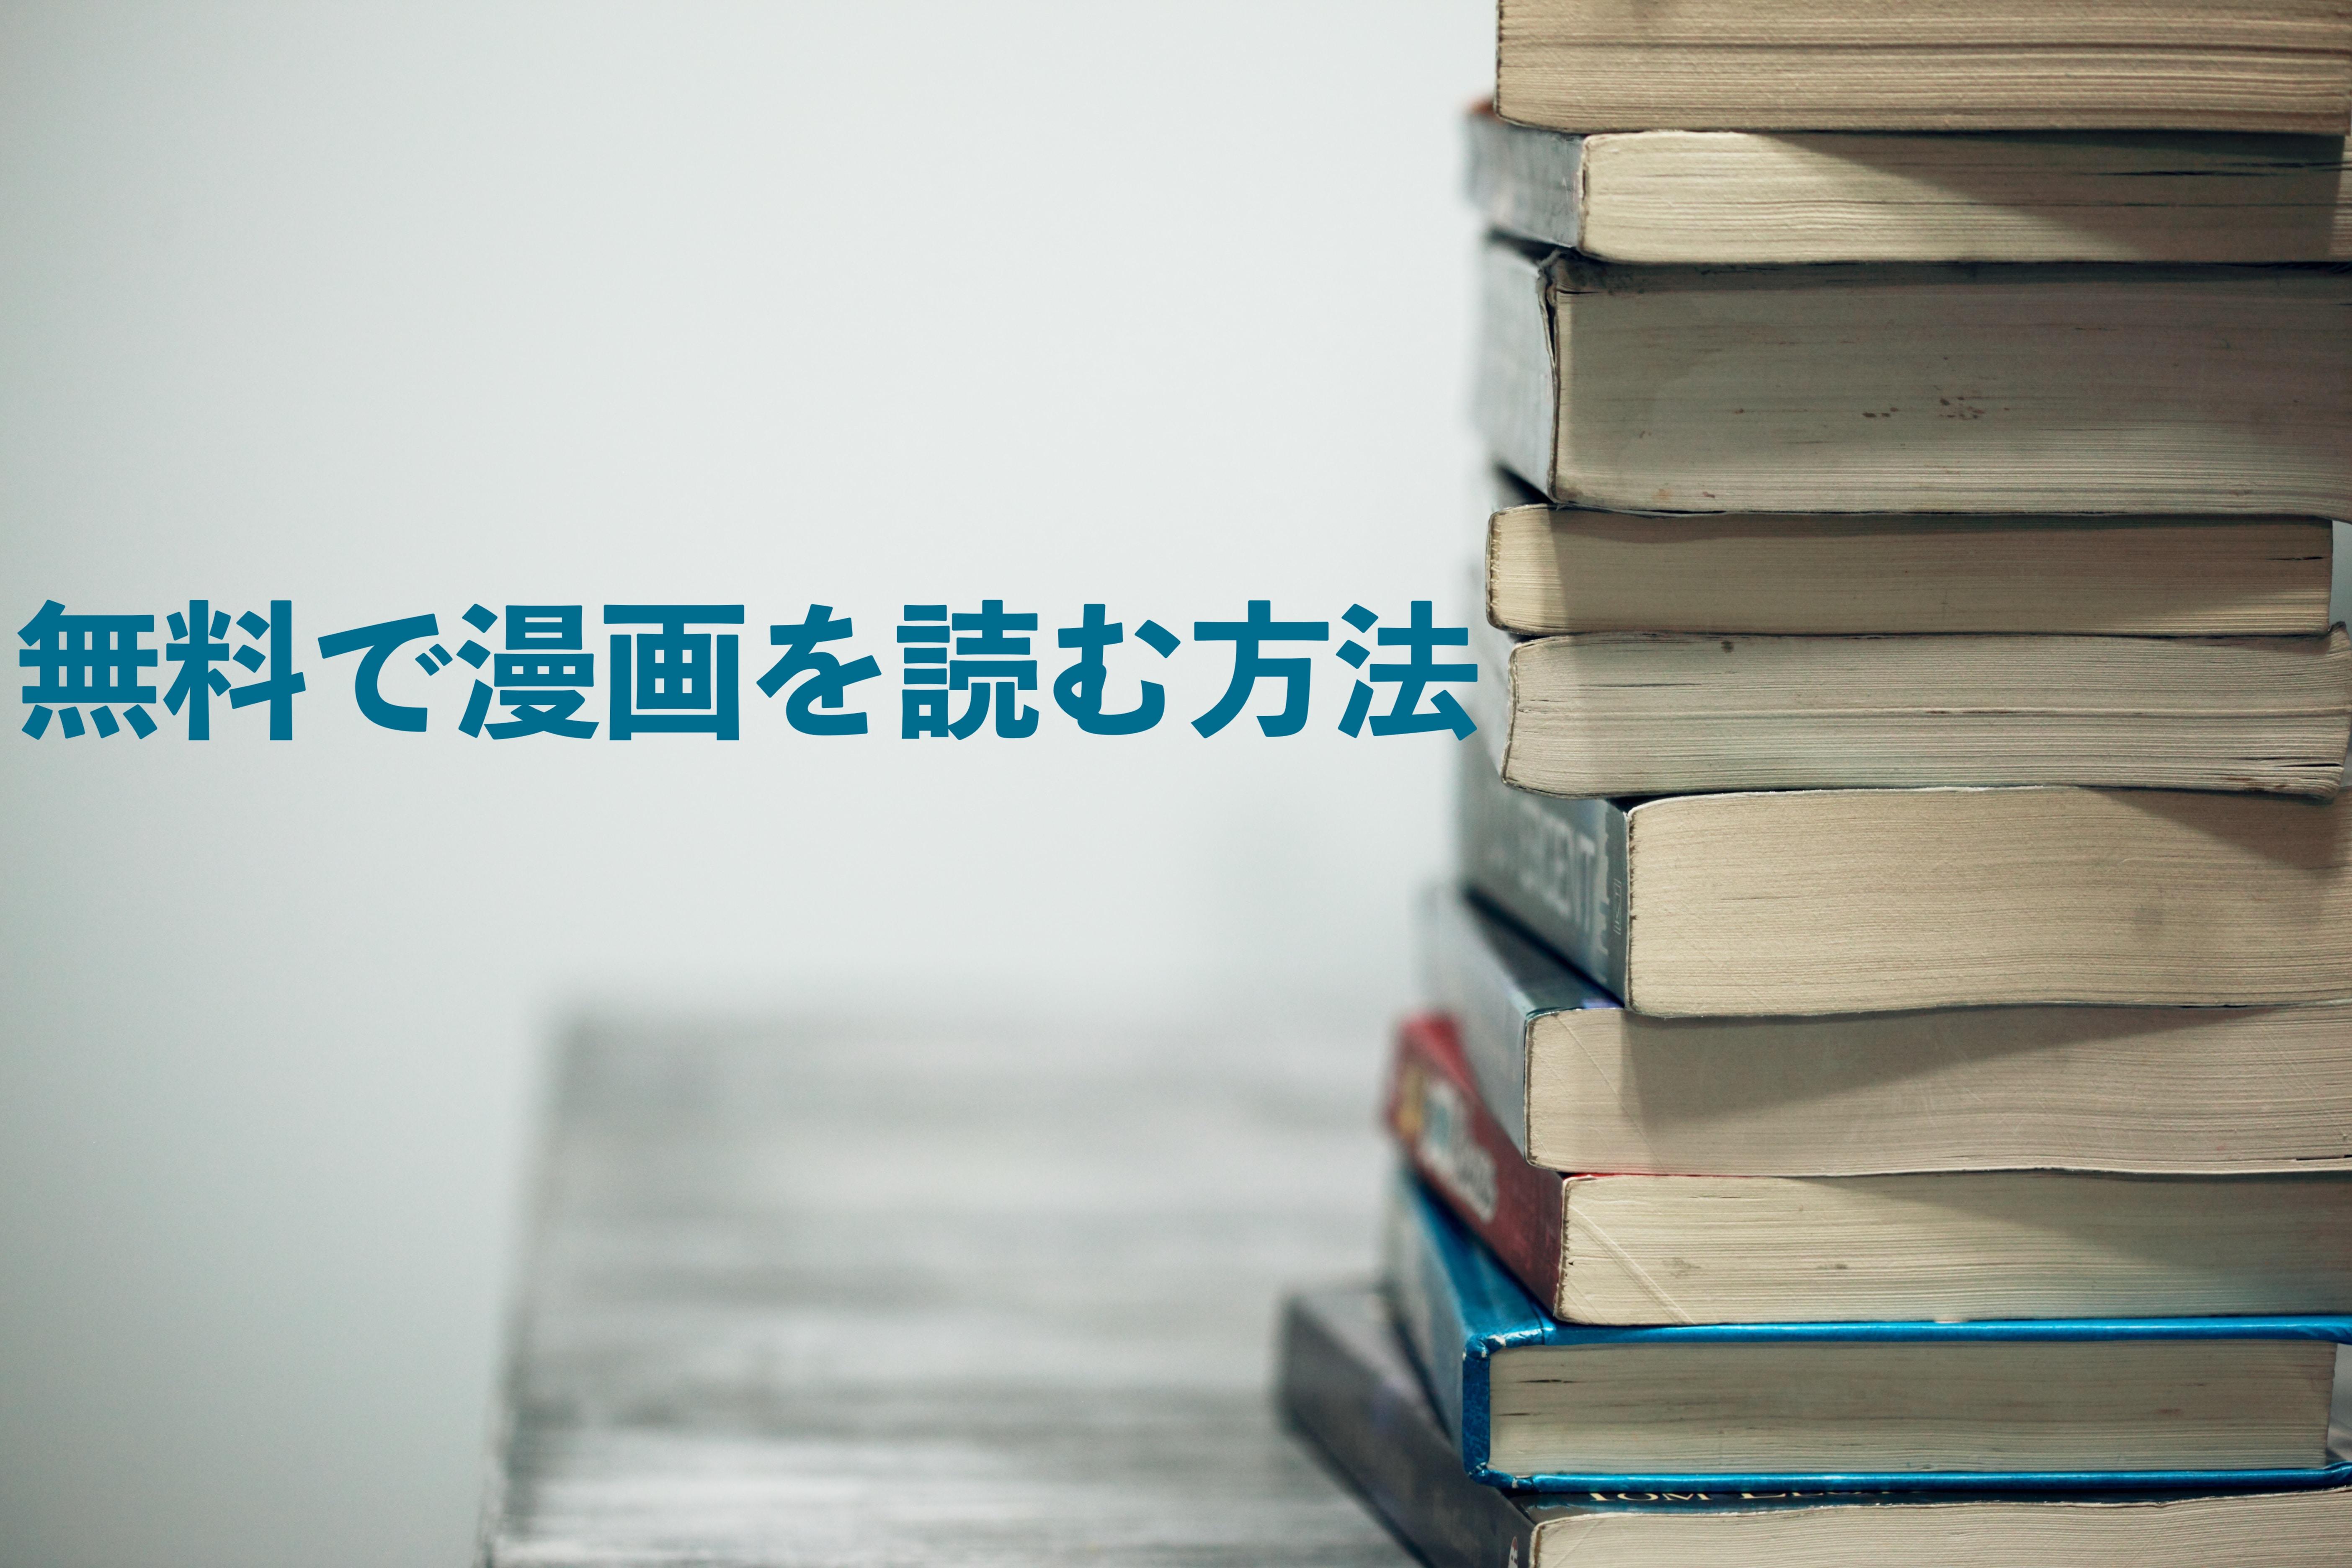 【やじきた学園道中記F】を全巻無料で読む方法!2巻以降や最新巻も